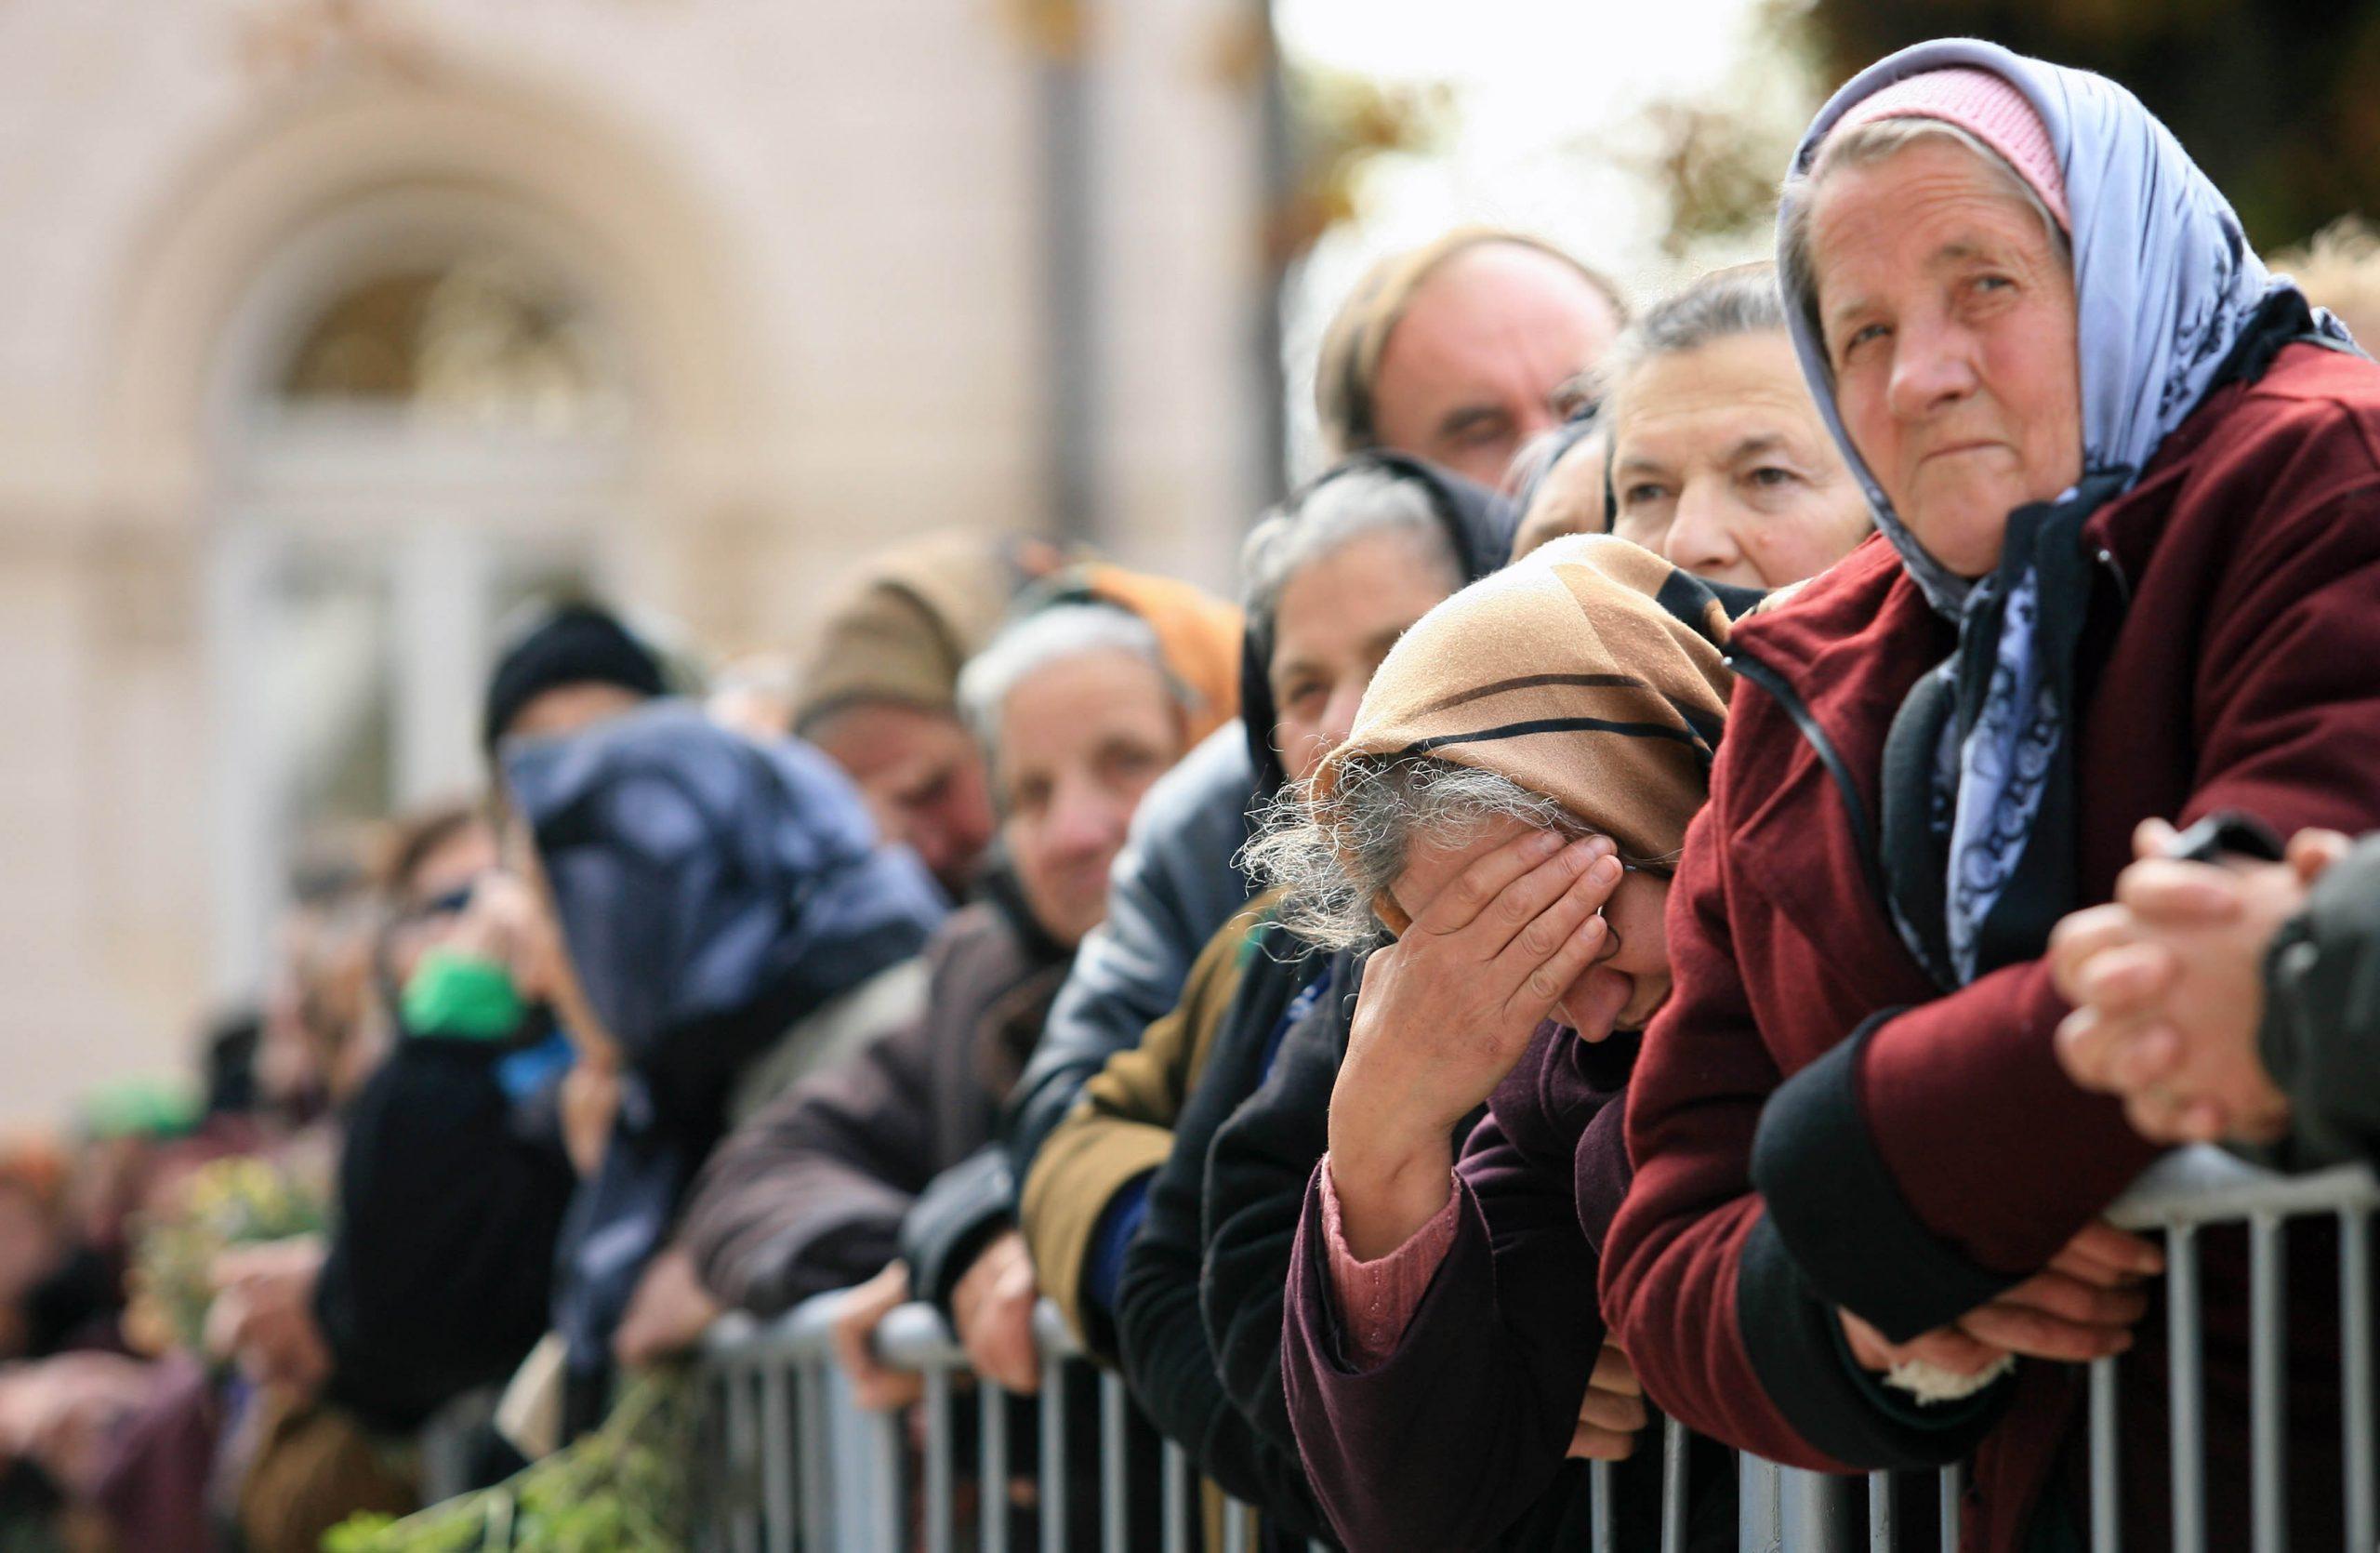 Pandele e trist că cei din Voluntari nu pot merge la Sfânta Parascheva. Ce le-a cerut celor de la BOR să facă